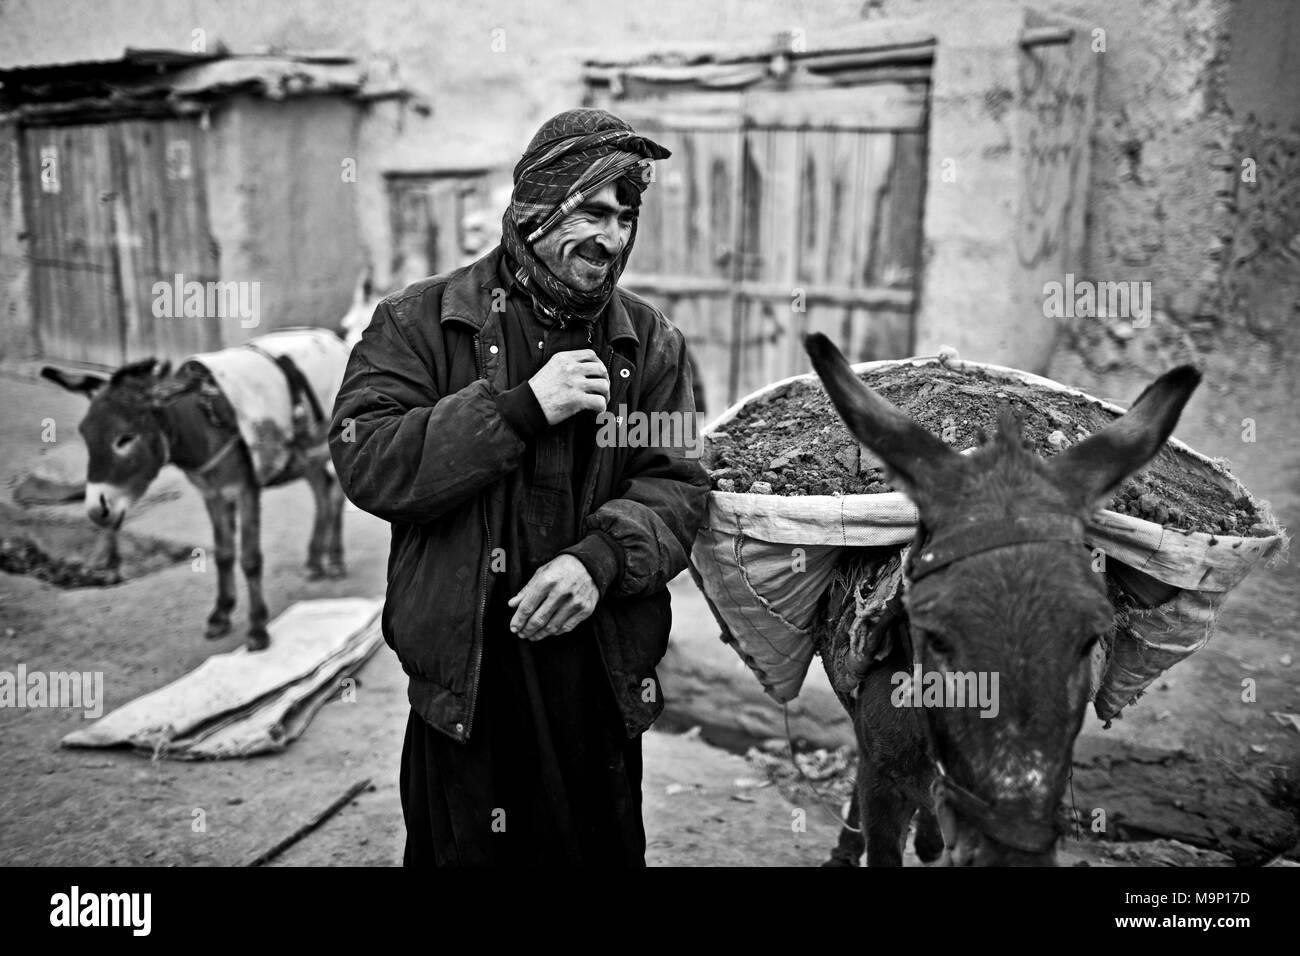 Eine afghanische Arbeiter eine Auszeit nimmt, während seine Esel in Kabul, Afghanistan, Freitag, 20. November 2009 Laden. Stockbild